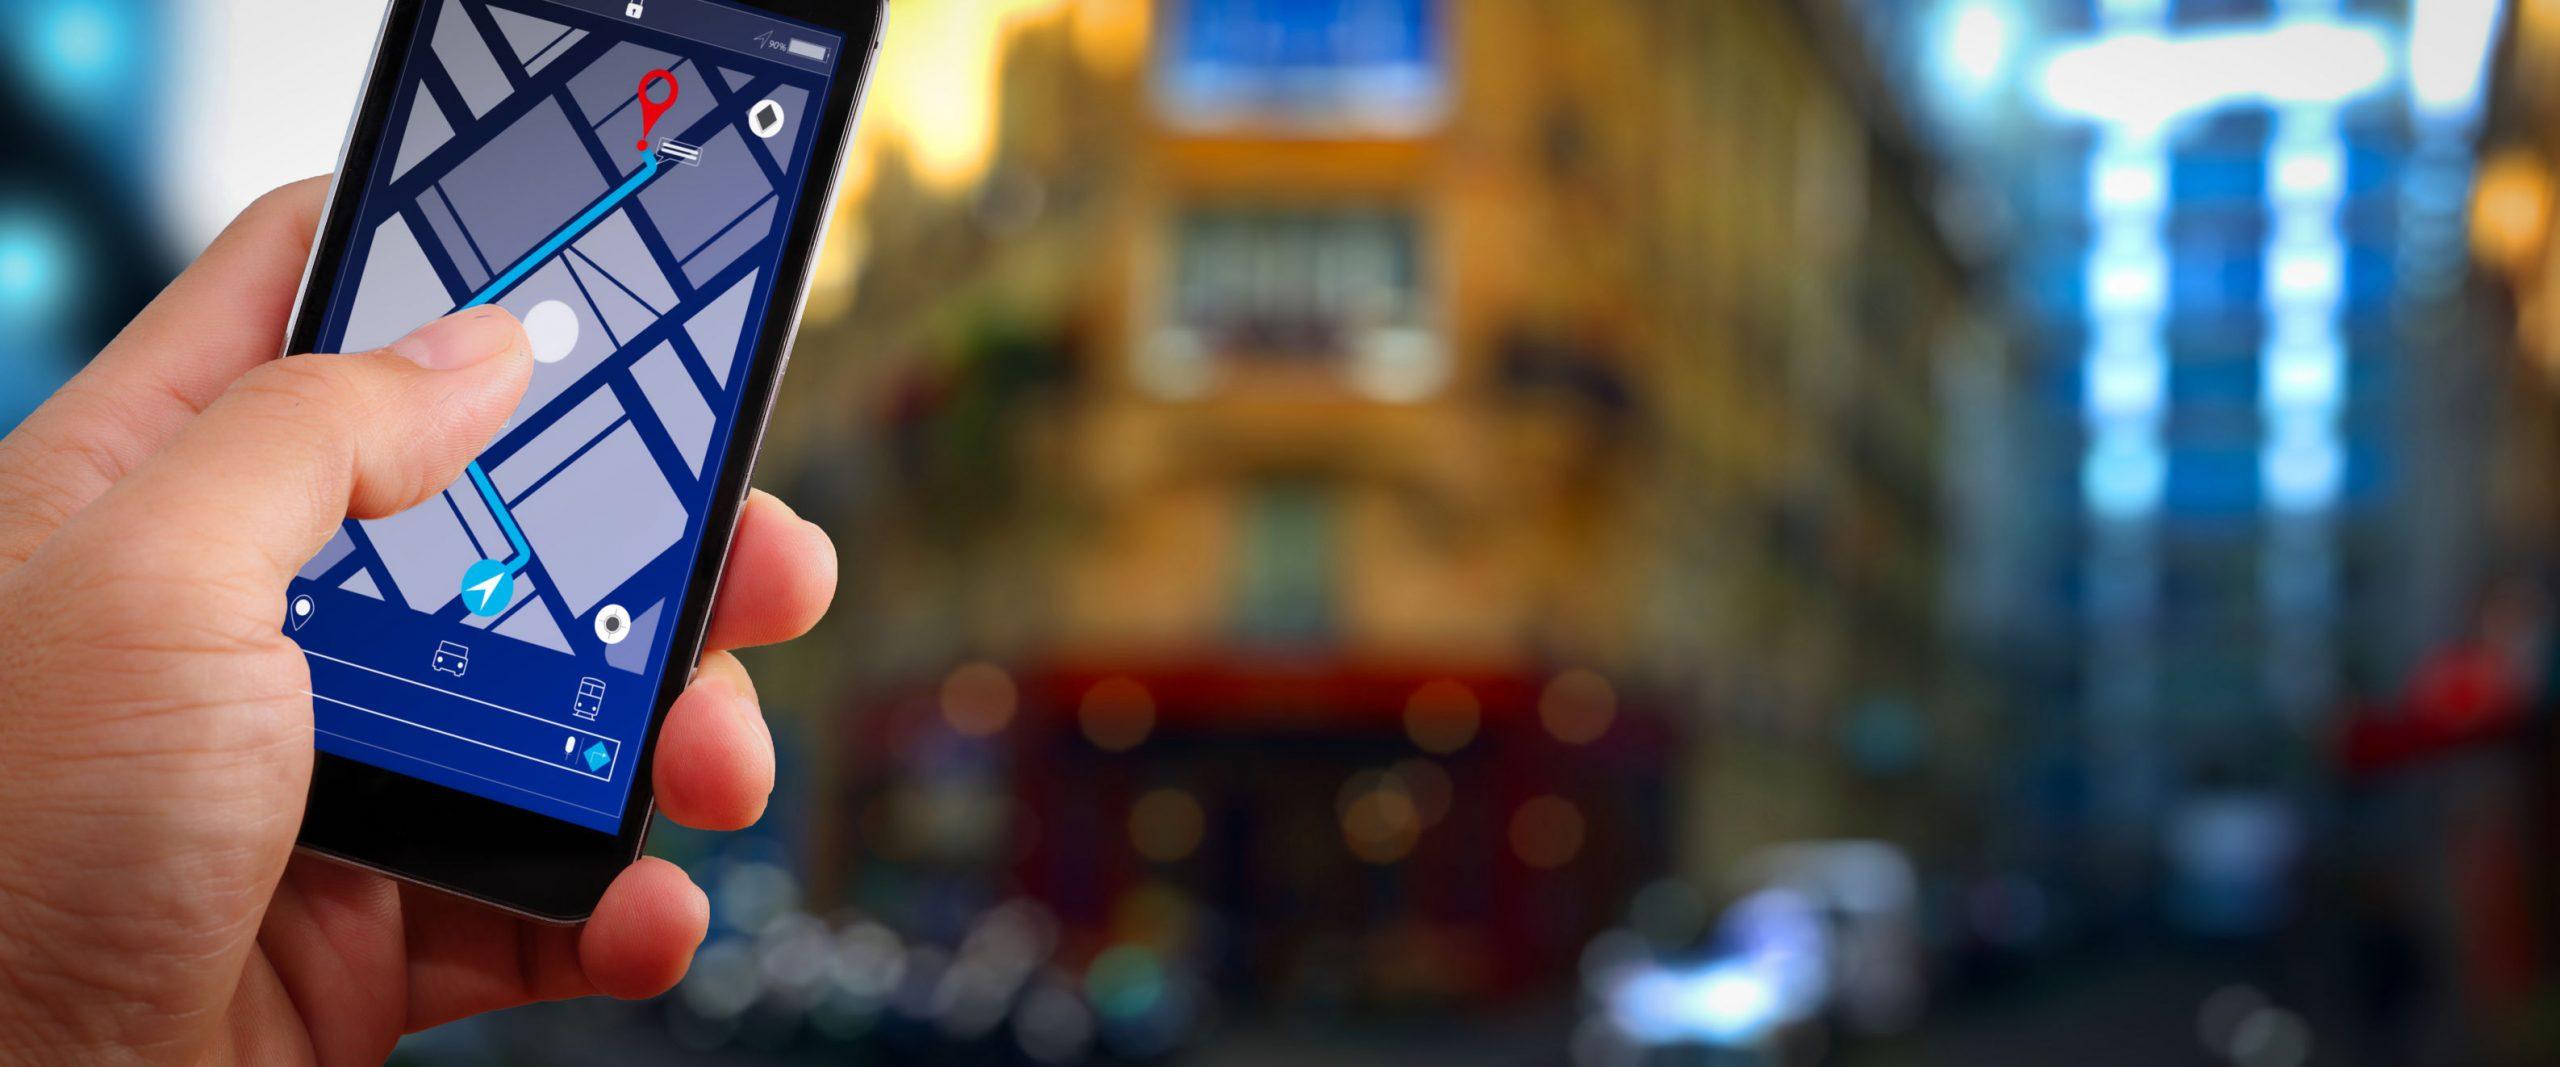 Bluetooth Tracker: Test & Empfehlungen (05/20)